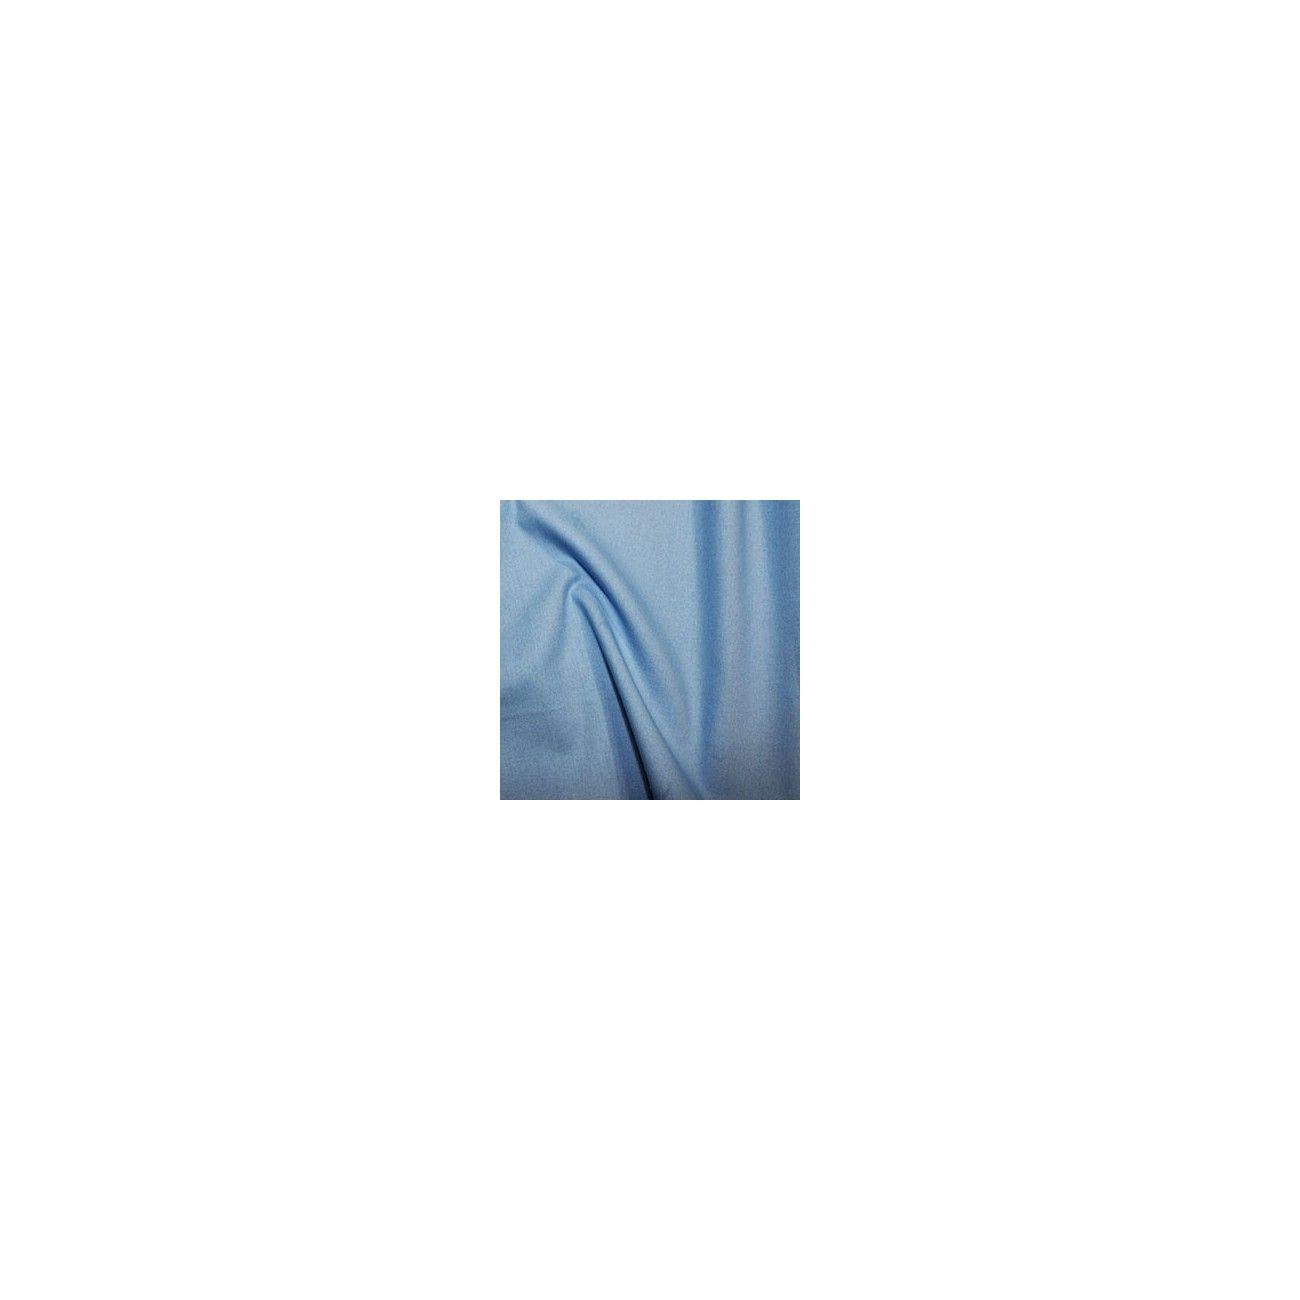 Tissu coton uni bleu ciel